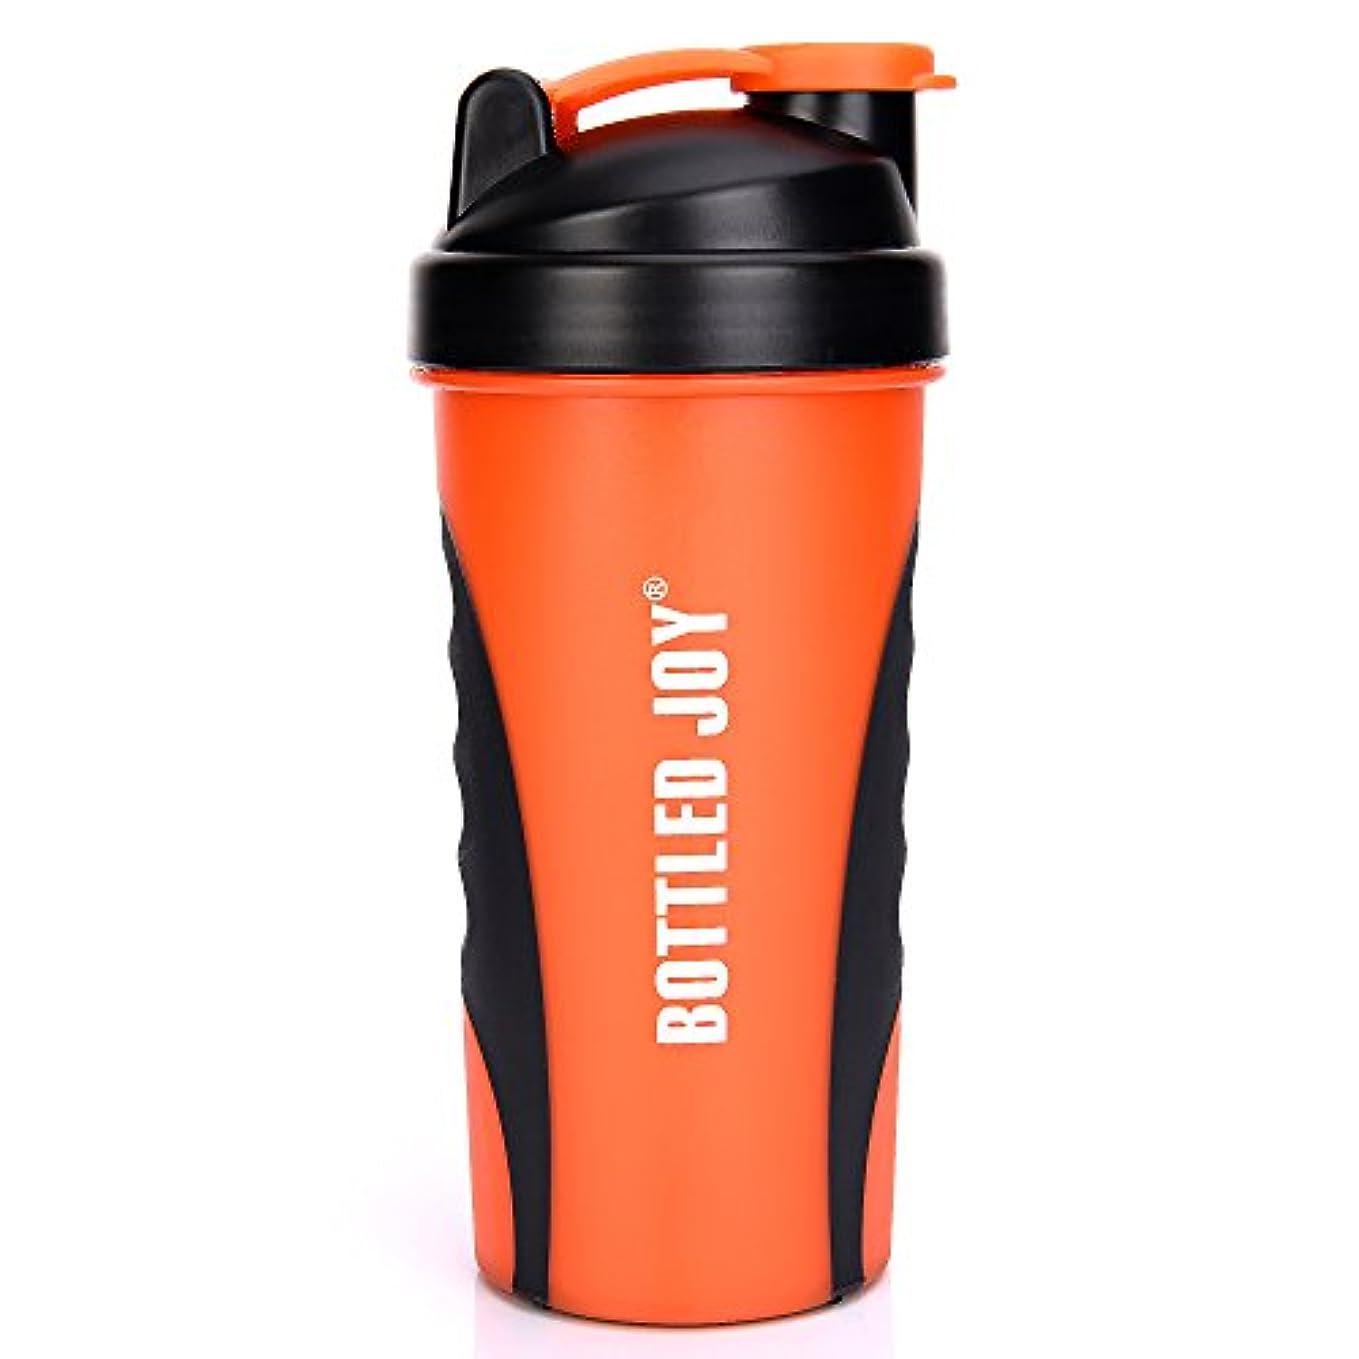 むき出しマルコポーロつかいますBOTTLED JOY プロテインシェイカーボトル グリップ 漏れ防止 スポーツミキサー スポーツ 栄養サプリメント ミックスシェイクボトル すべり止め 27オンス 800ml オレンジ